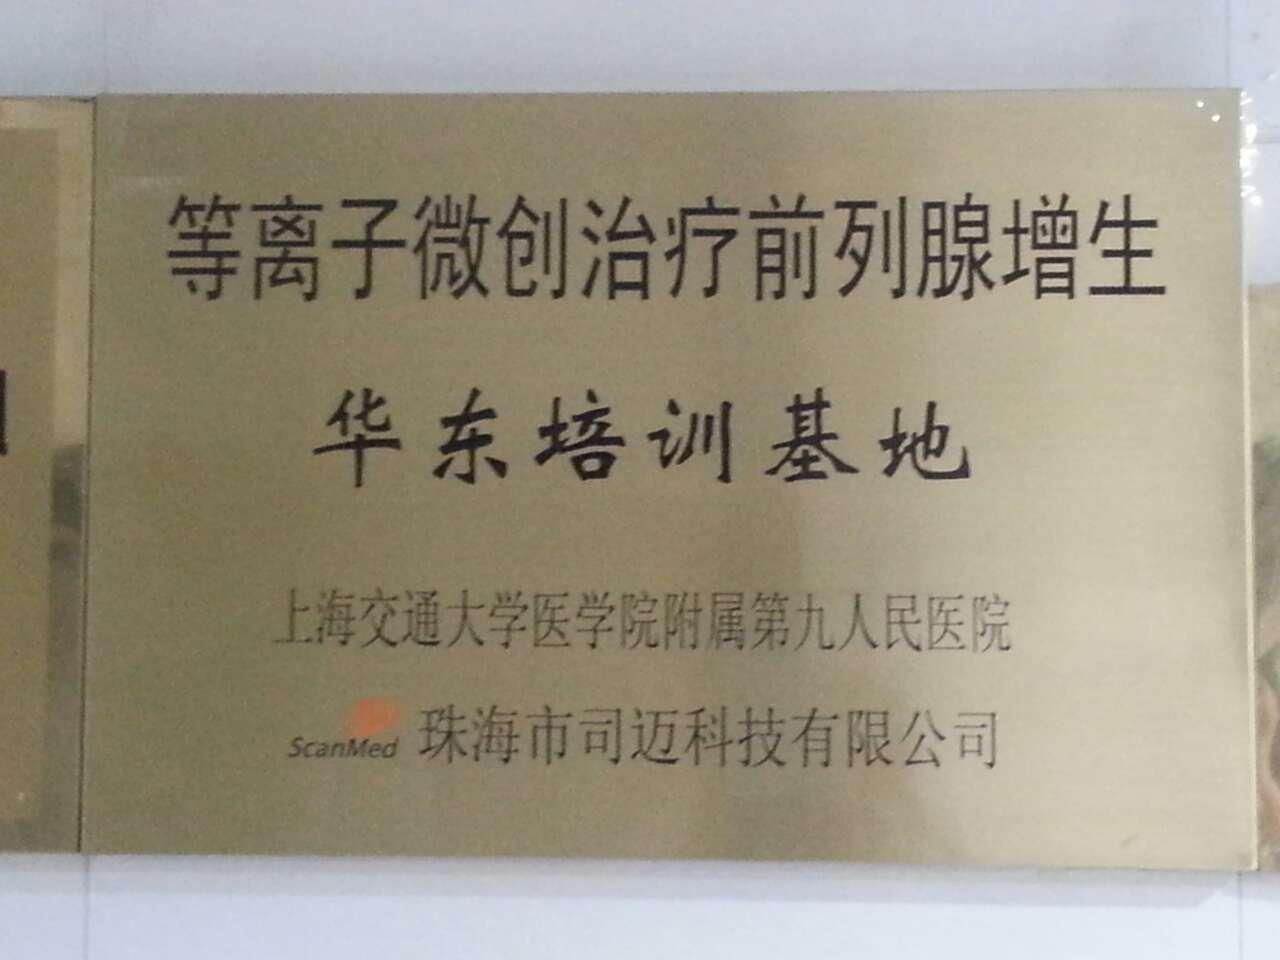 上海九院华东亚搏体育官网登录_亚搏体育首页_亚搏体育彩票官方网站